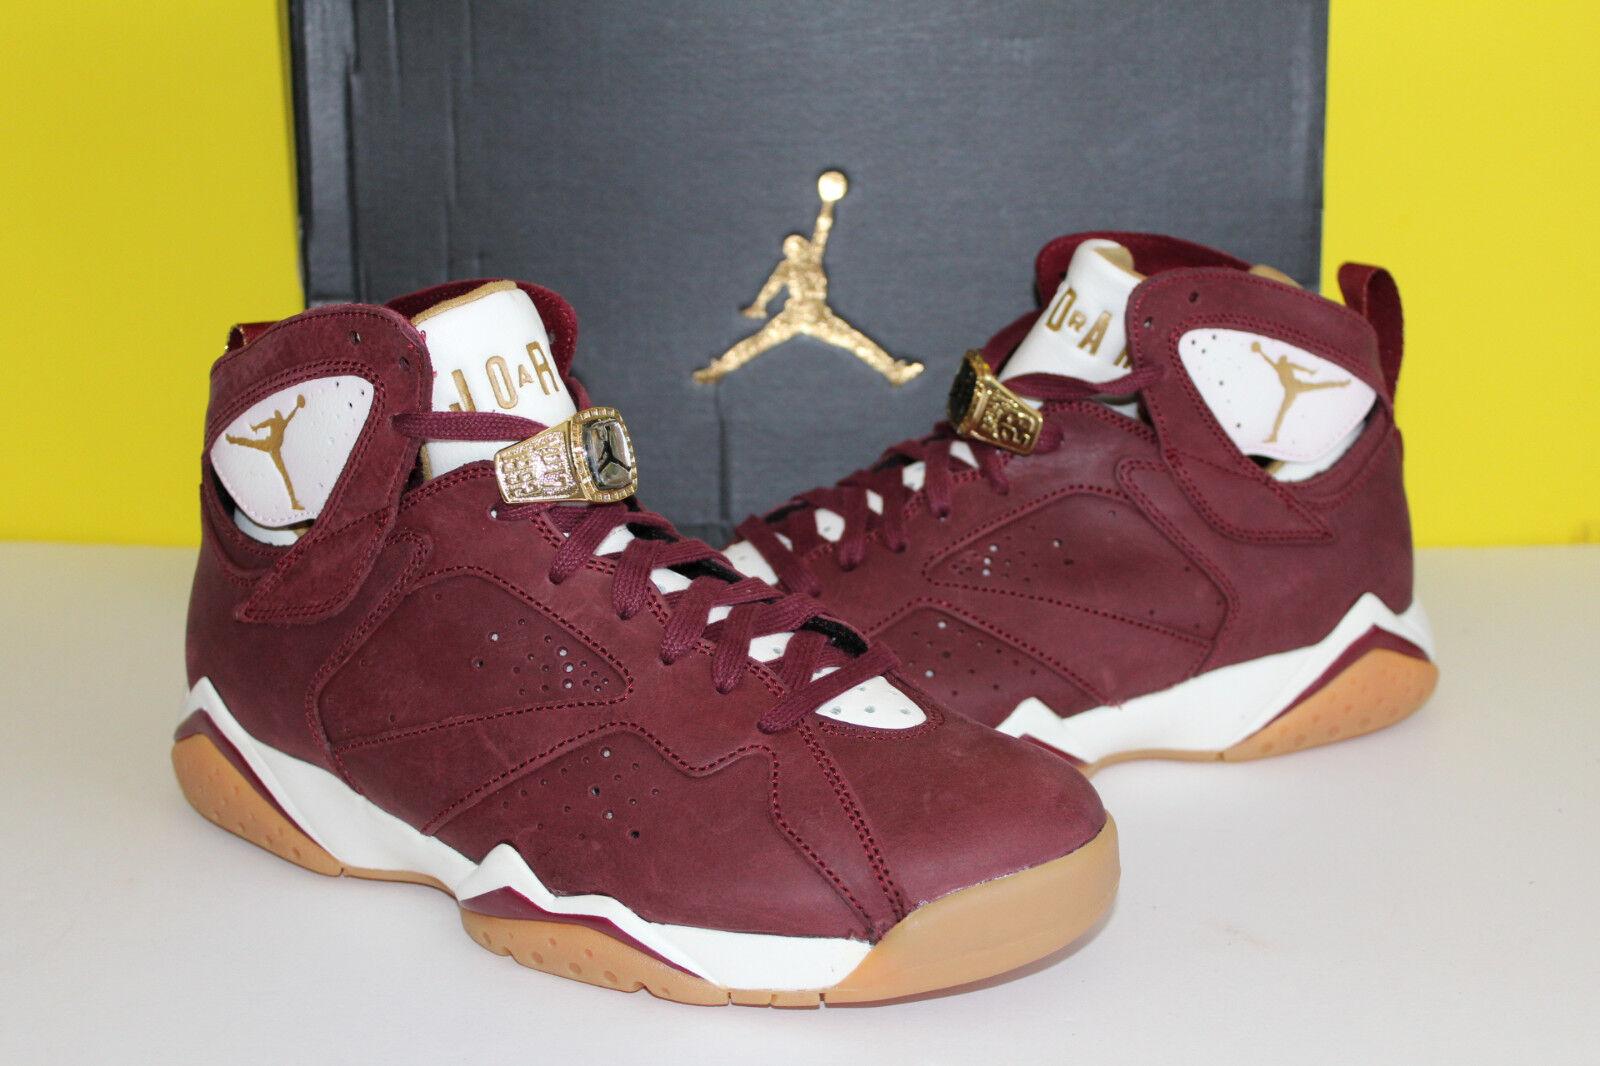 Nike Air Jordan Retro VII 7 C&C Cigar Size 8 Team Red Gum Sole 725093 630